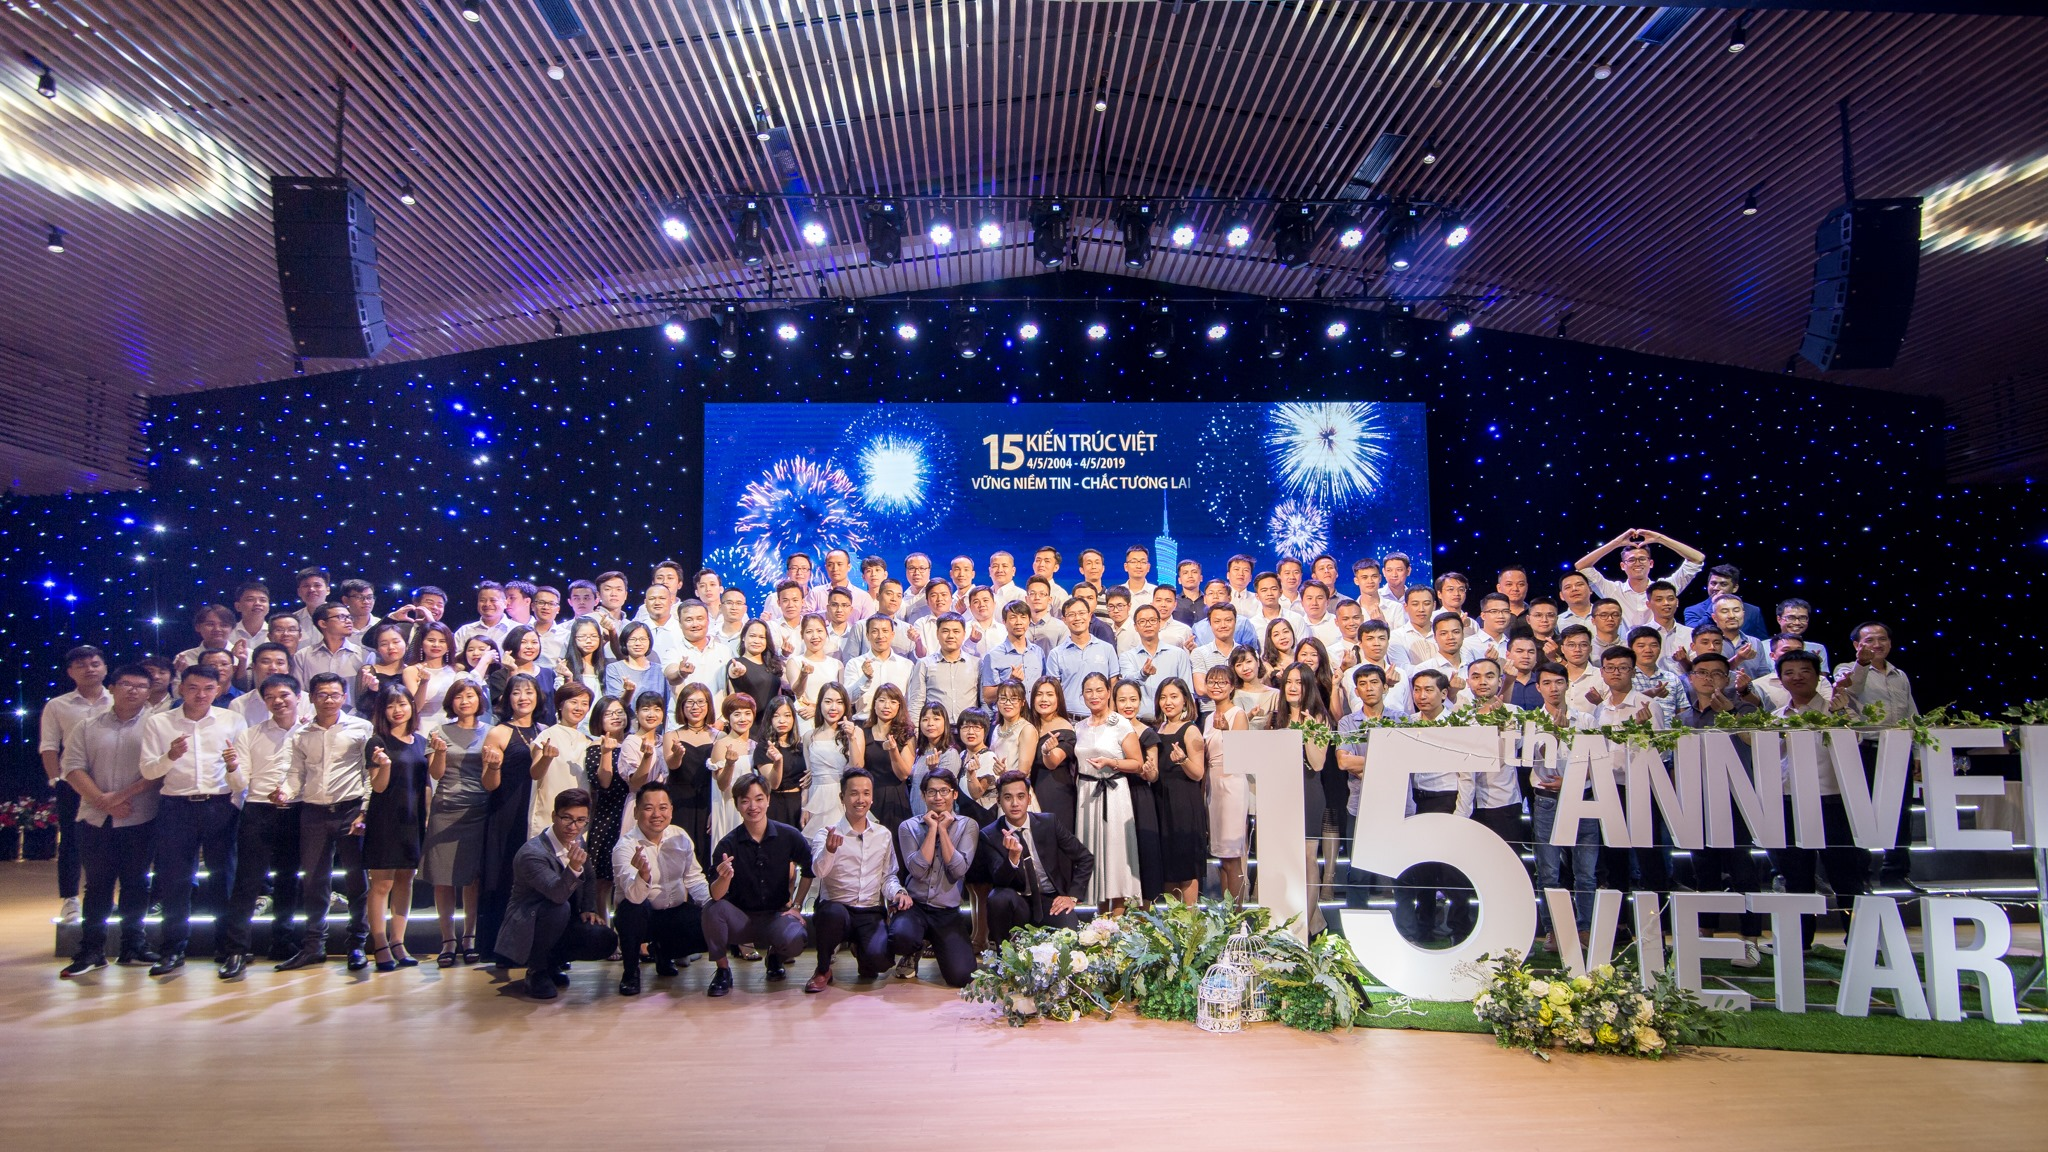 Hành trình 15 năm Kiến Trúc Việt